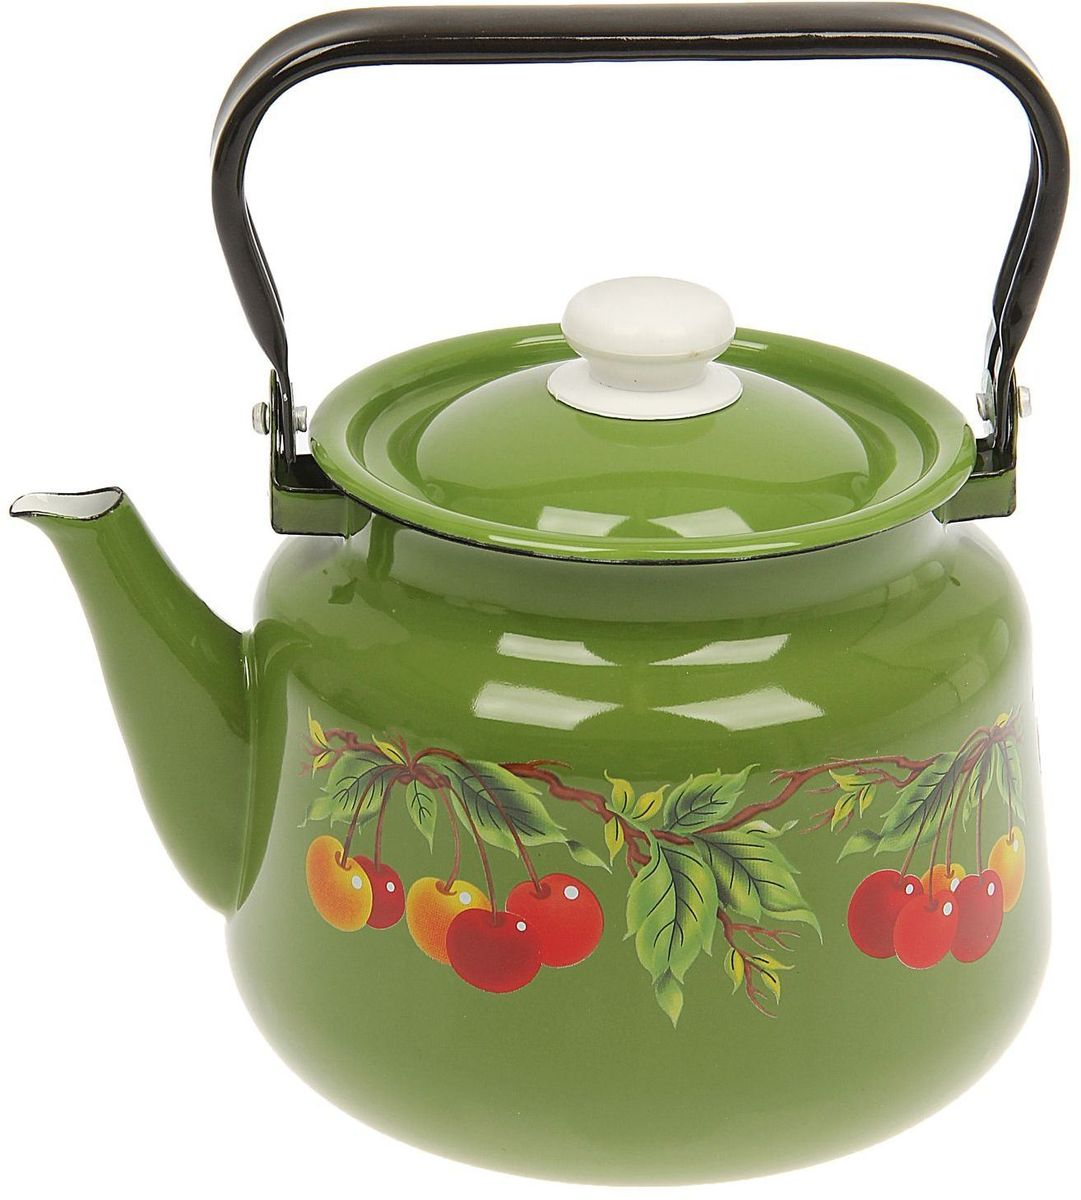 Чайник эмалированный Epos Зеленая вишня, 3,5 л391602Чайник Epos Зеленая вишня выполнен из высококачественной стали с эмалированным покрытием. Поверхность чайникагладкая, что облегчает уход за ним. Большой объемпозволит приготовить напиток для всей семьи илинебольшой компании. Эстетичный и функциональный чайник будеторигинально смотреться в любом интерьере. Душевная атмосфера и со вкусом накрытый стол всегда будут собирать в вашем доме близких и друзей.Чайник подходит для использования на всех типах плит,включая индукционные. Объем: 3,5 л.